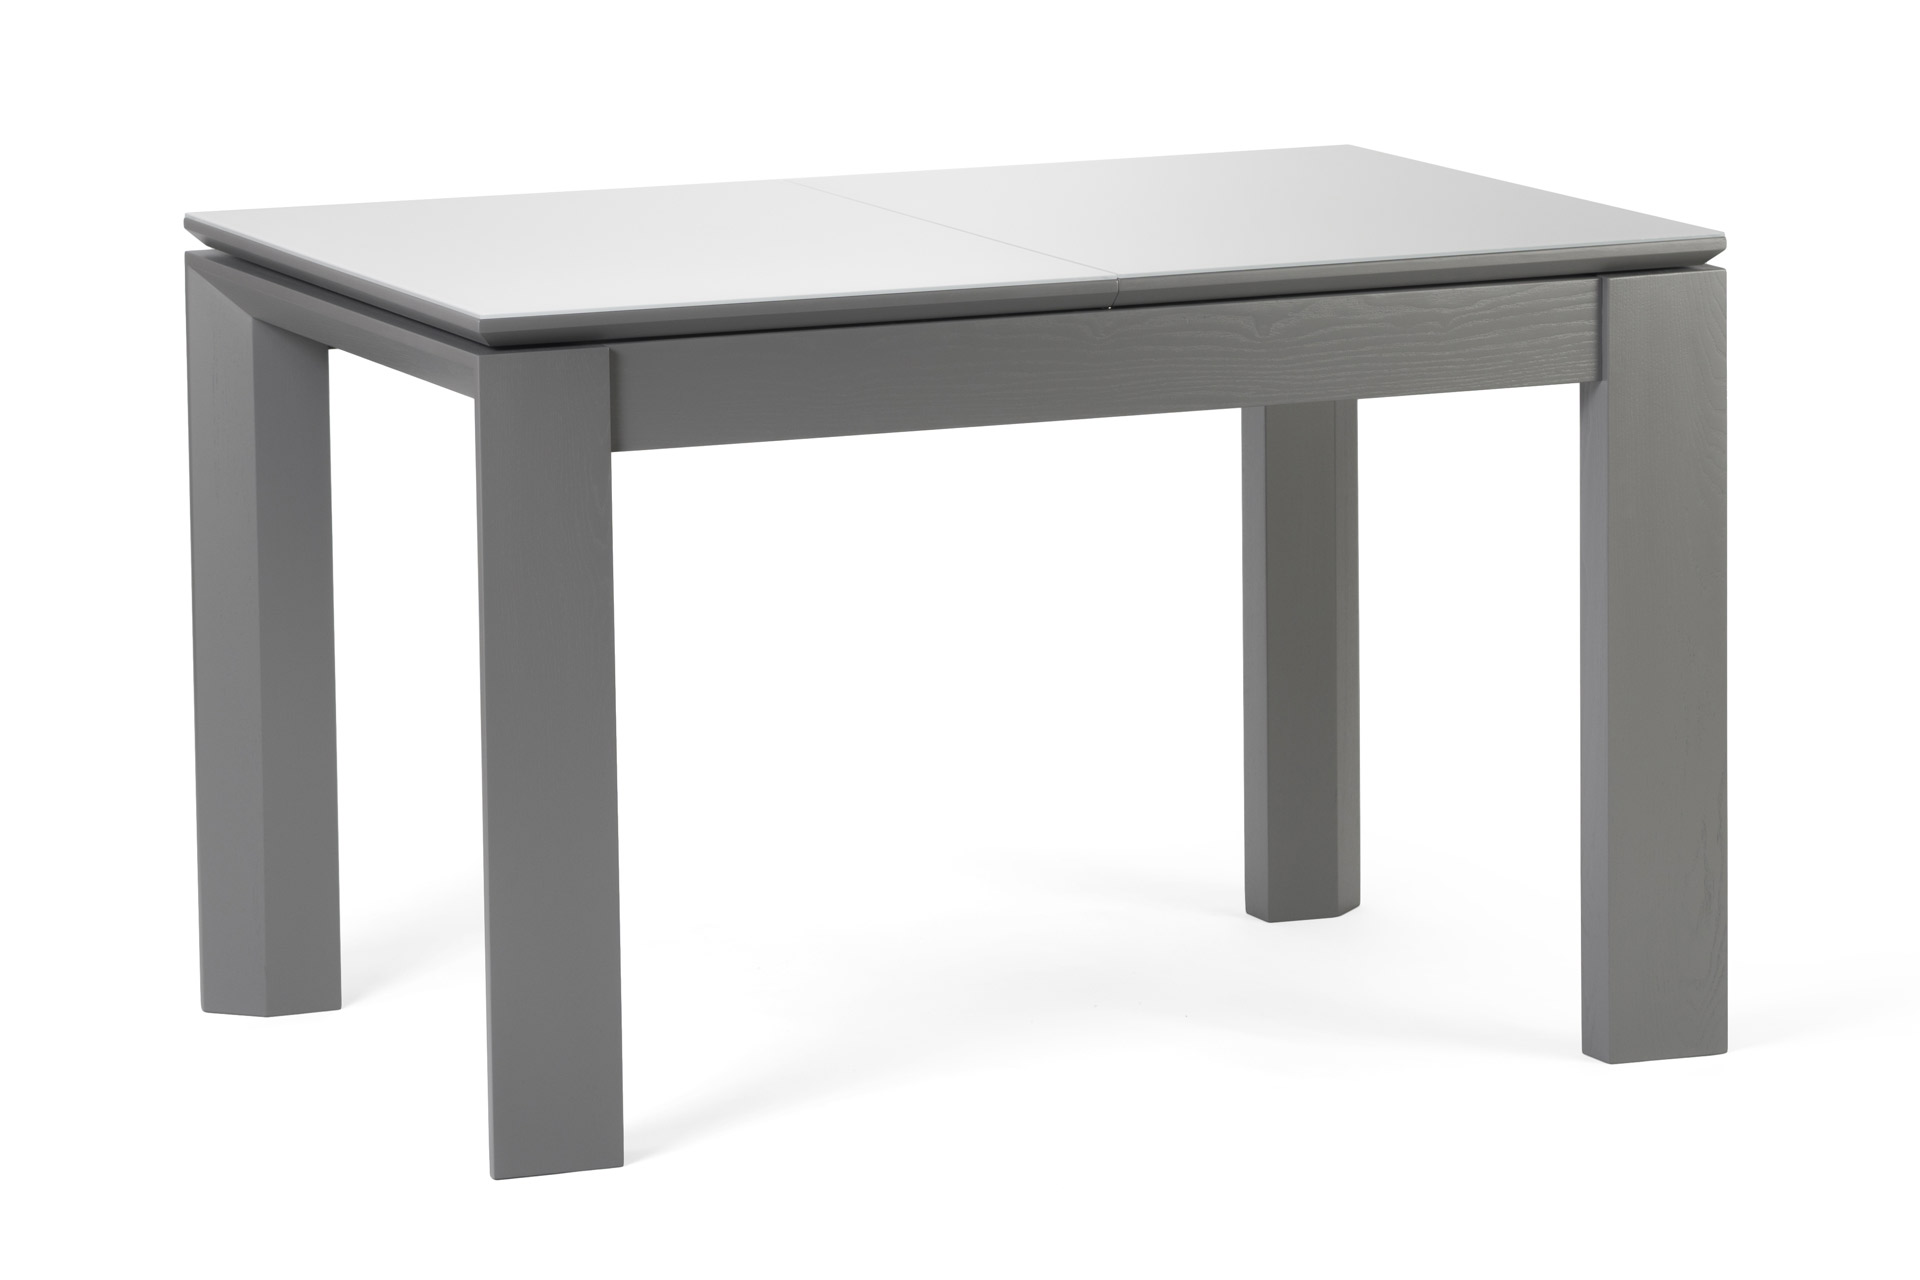 Кухонный стол Милан, из натурального дерева, с серыми ножками и белой прямоугольной столешницей со стеклянным покрытием